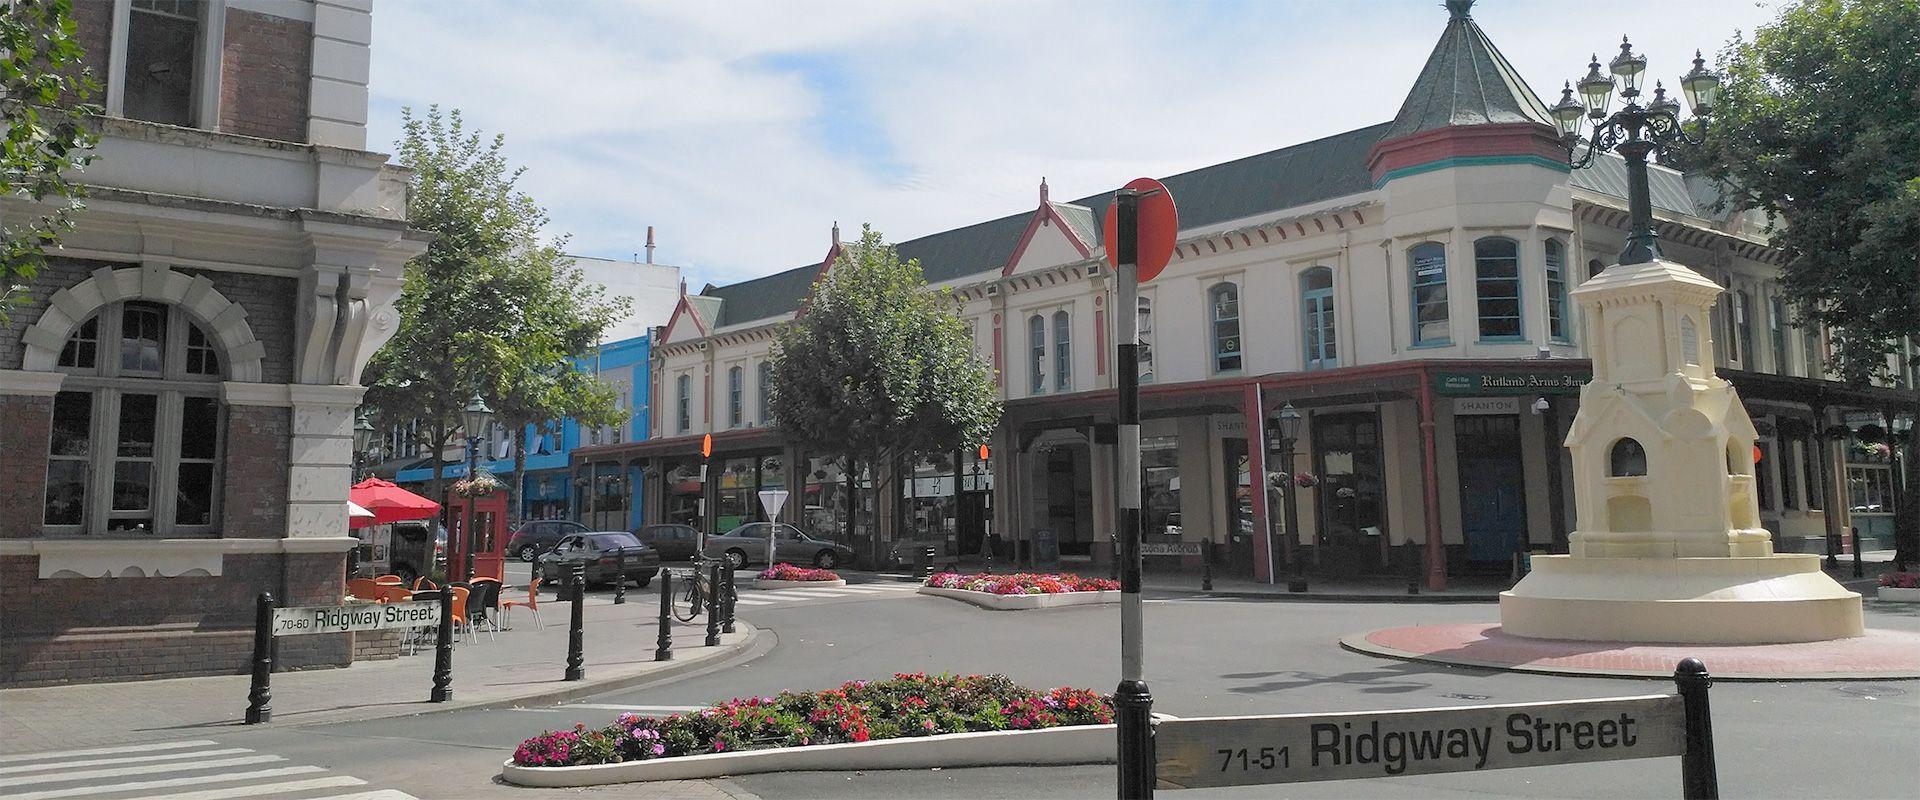 Ridgway Street in Whanganui